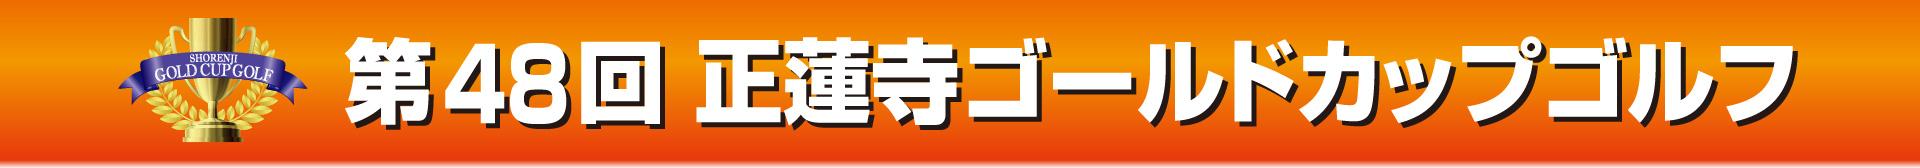 正蓮寺ゴールドカップ